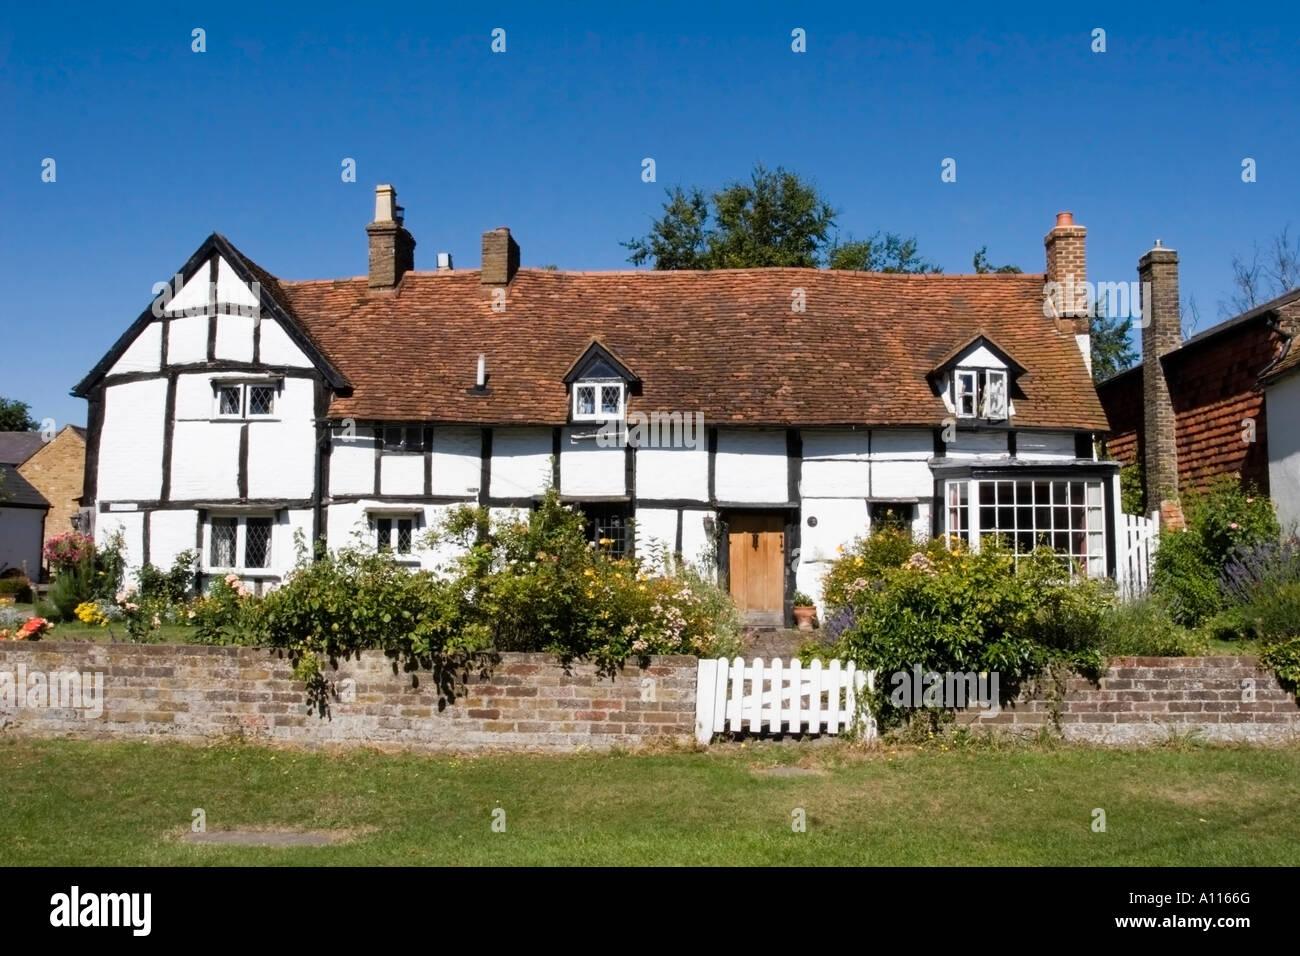 Tudor Cottage Aldbury Hertfordshire - Stock Image